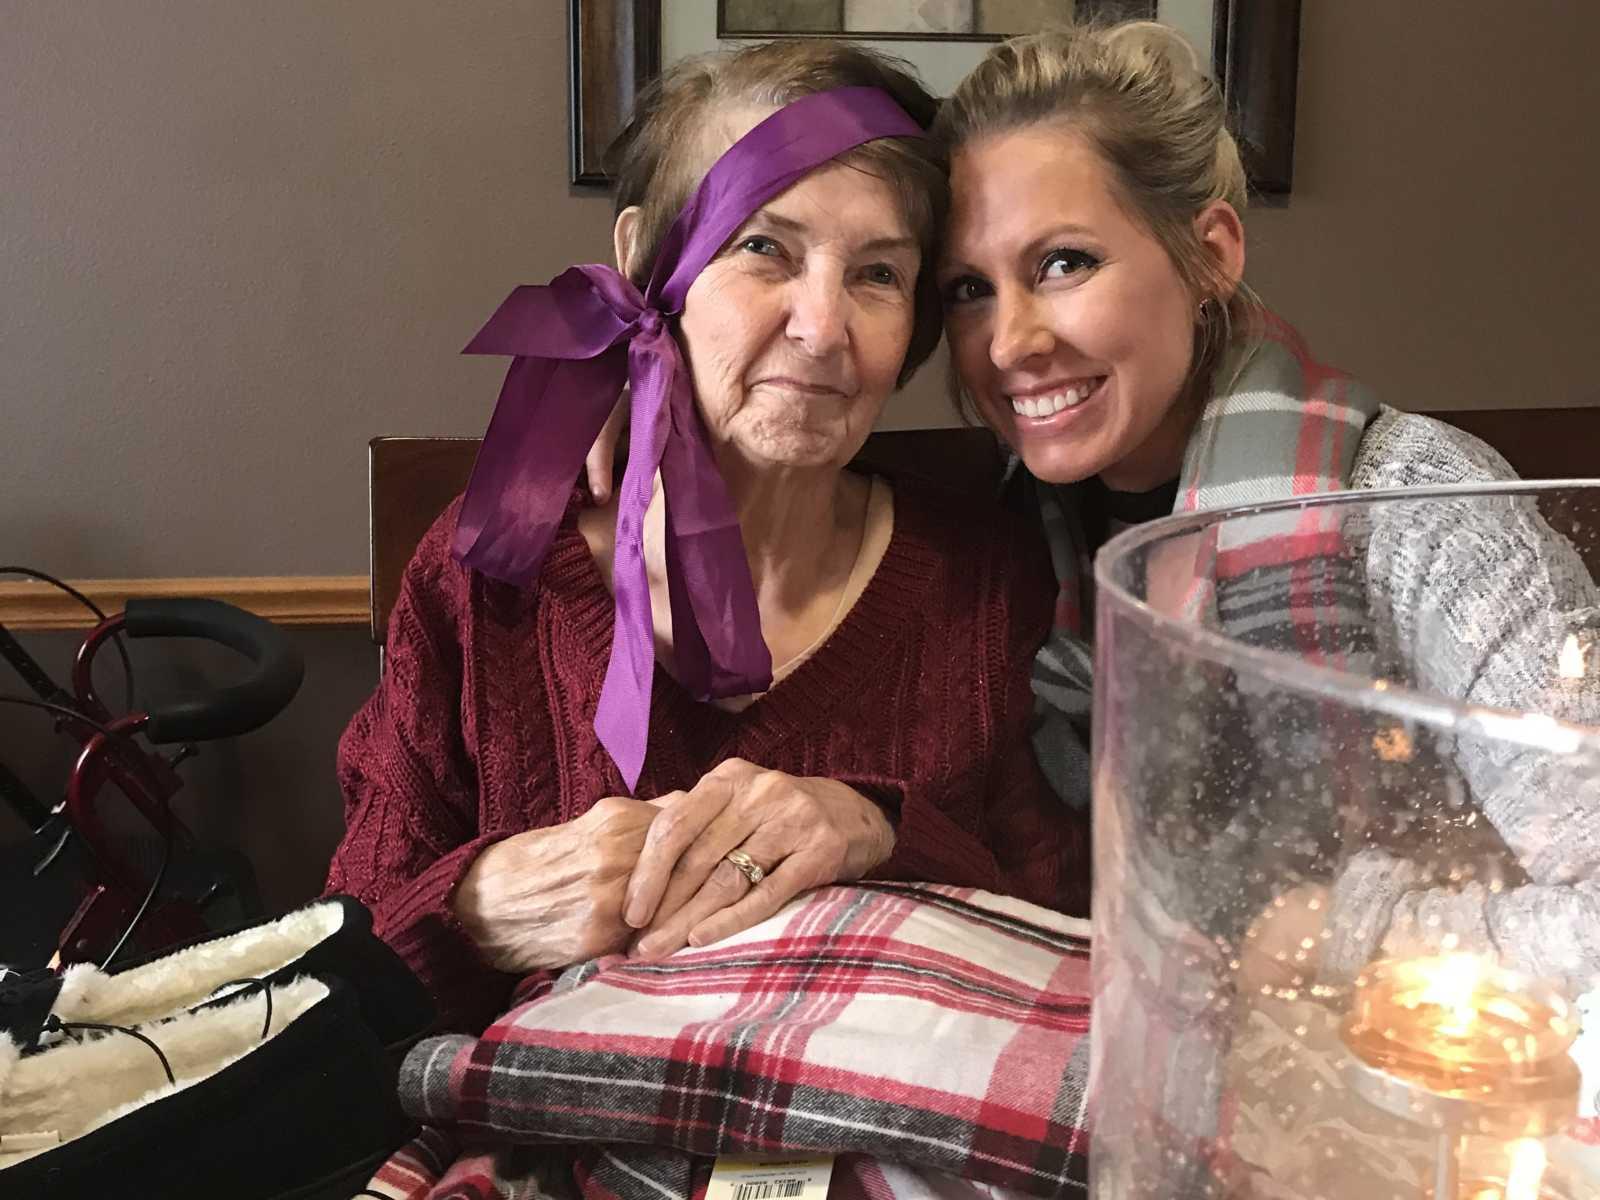 Neta deixa emprego para cuidar melhor da avó de 83 anos com Alzheimer 6